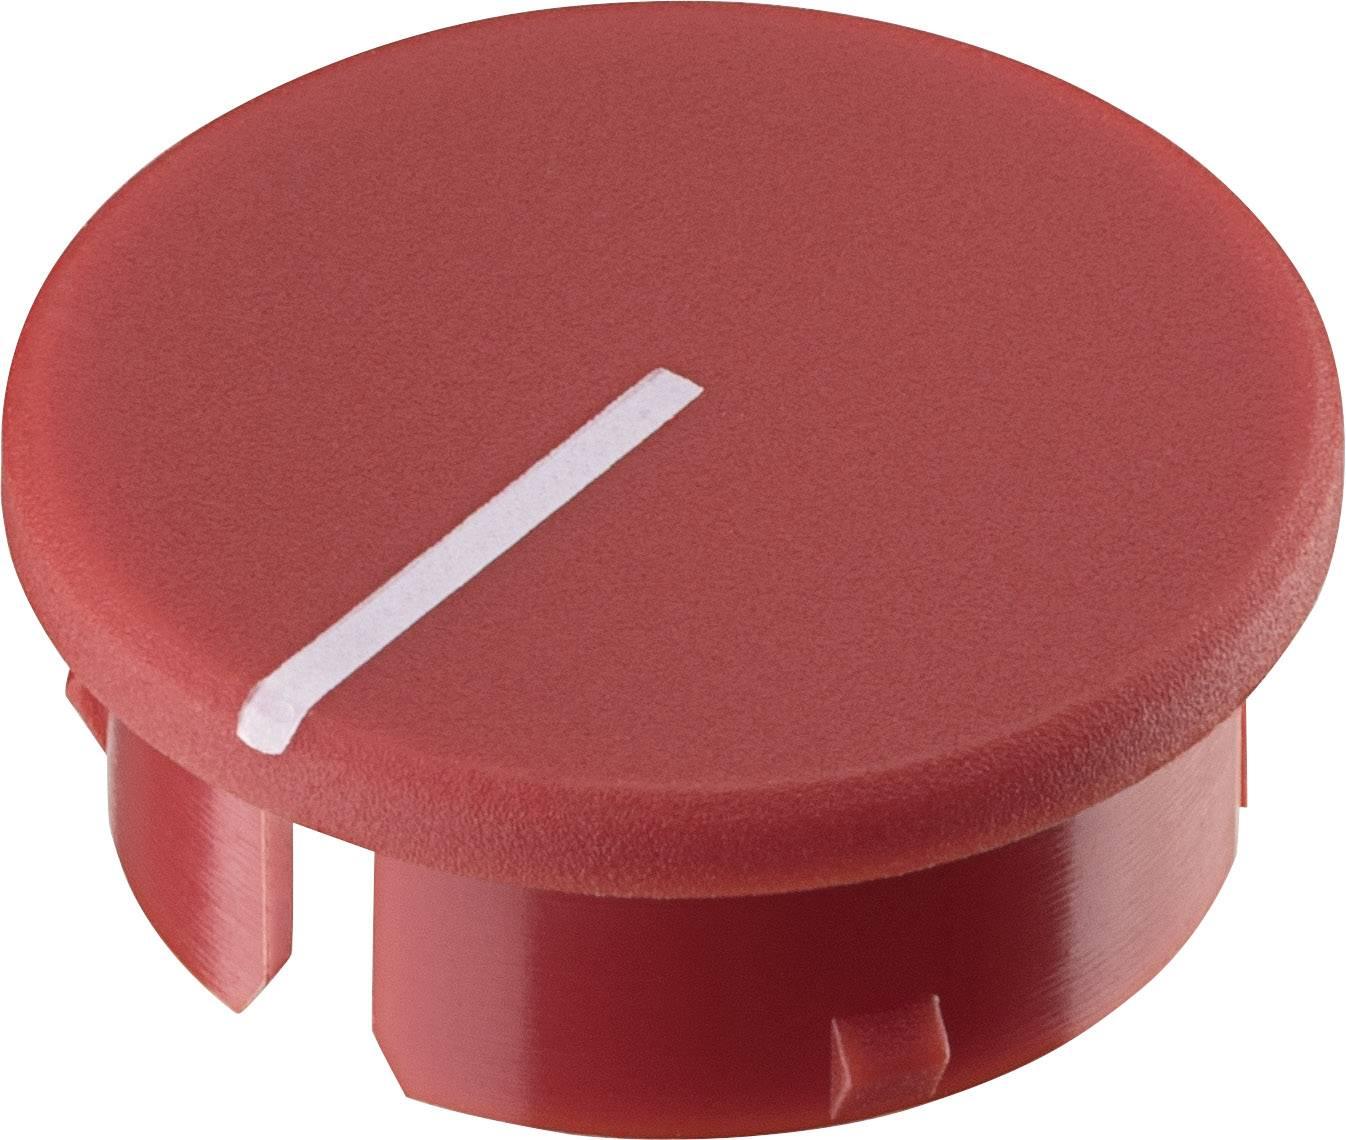 Krytka knoflíku s ukazatelem Ritel 30 21 11 4 15.4 mm, červená, 1 ks